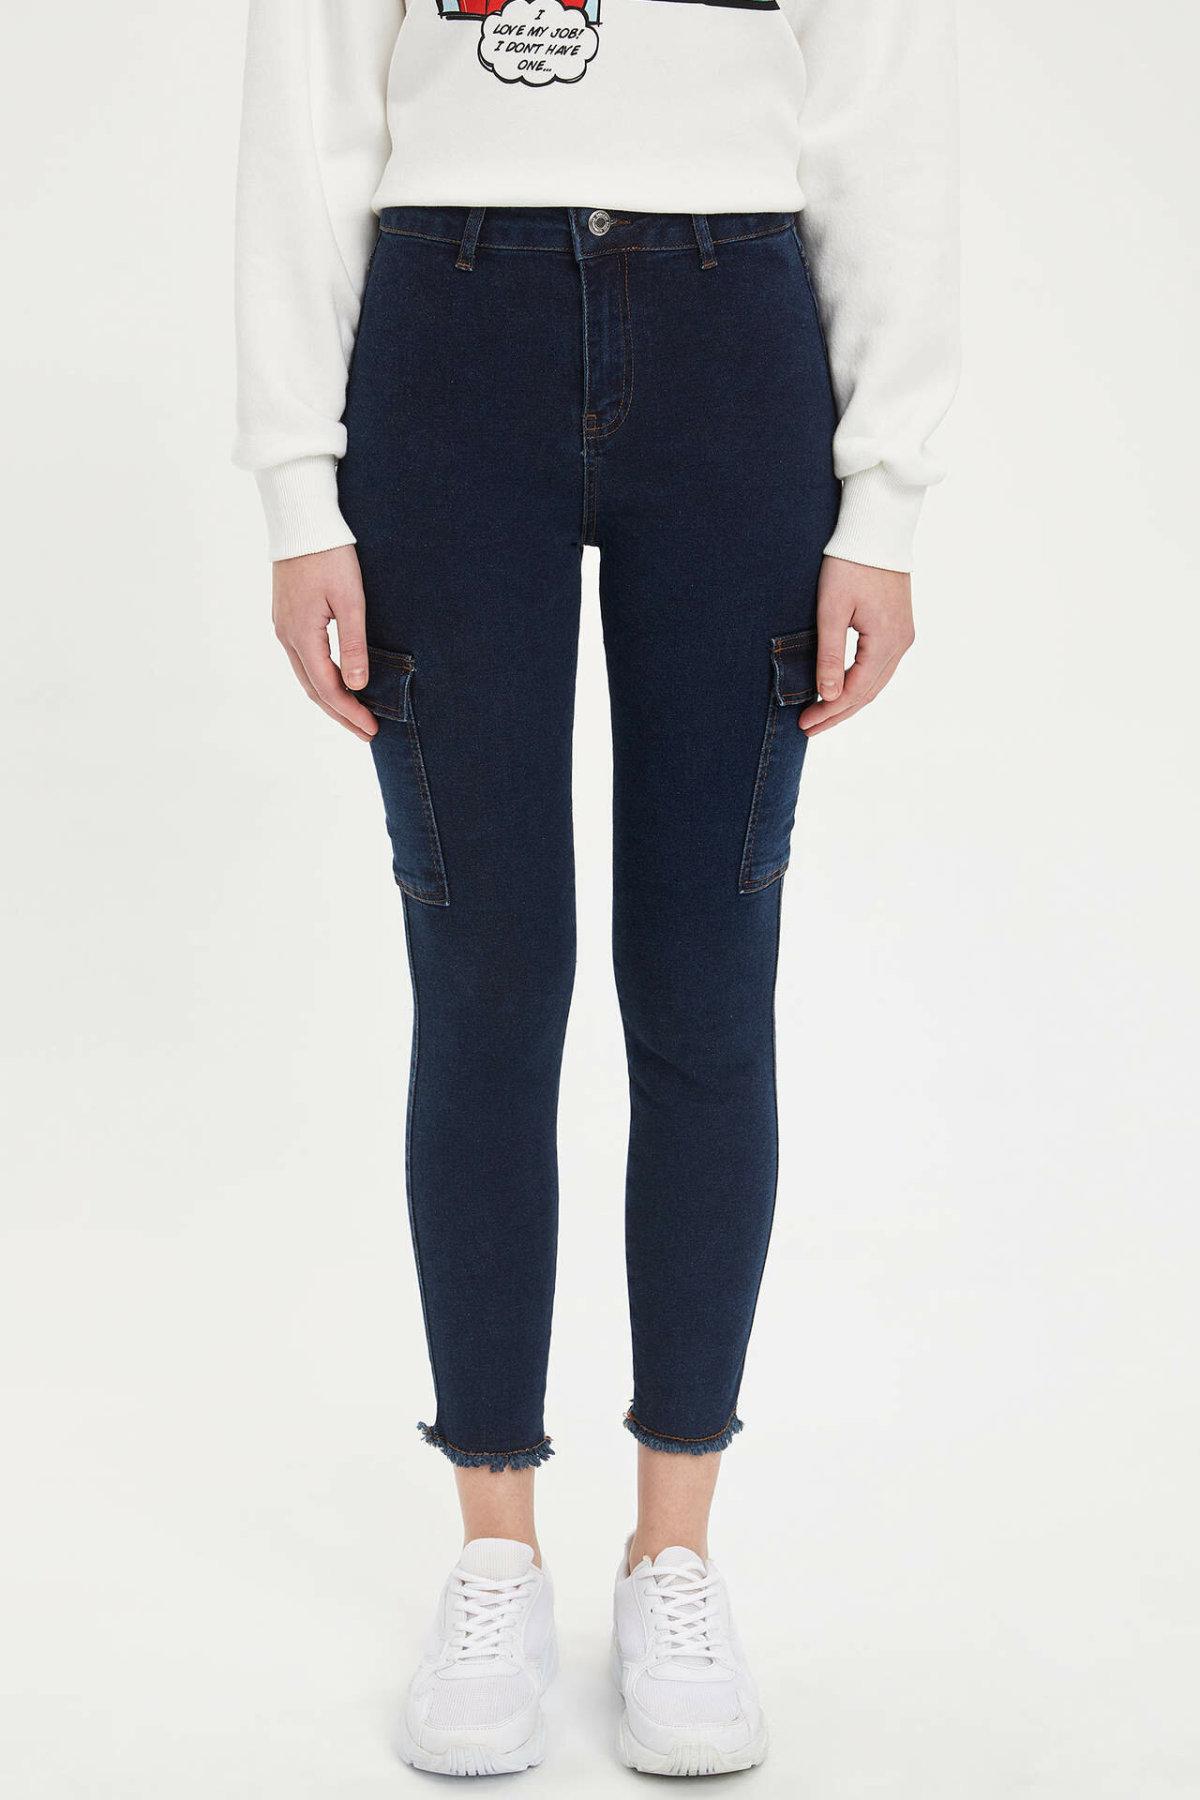 DeFacto Female Fashion Solid Jean Trousers Women Mid Waist Elastic Denim Female Slim Pencil Crop Pants Lady - L7215AZ19AU